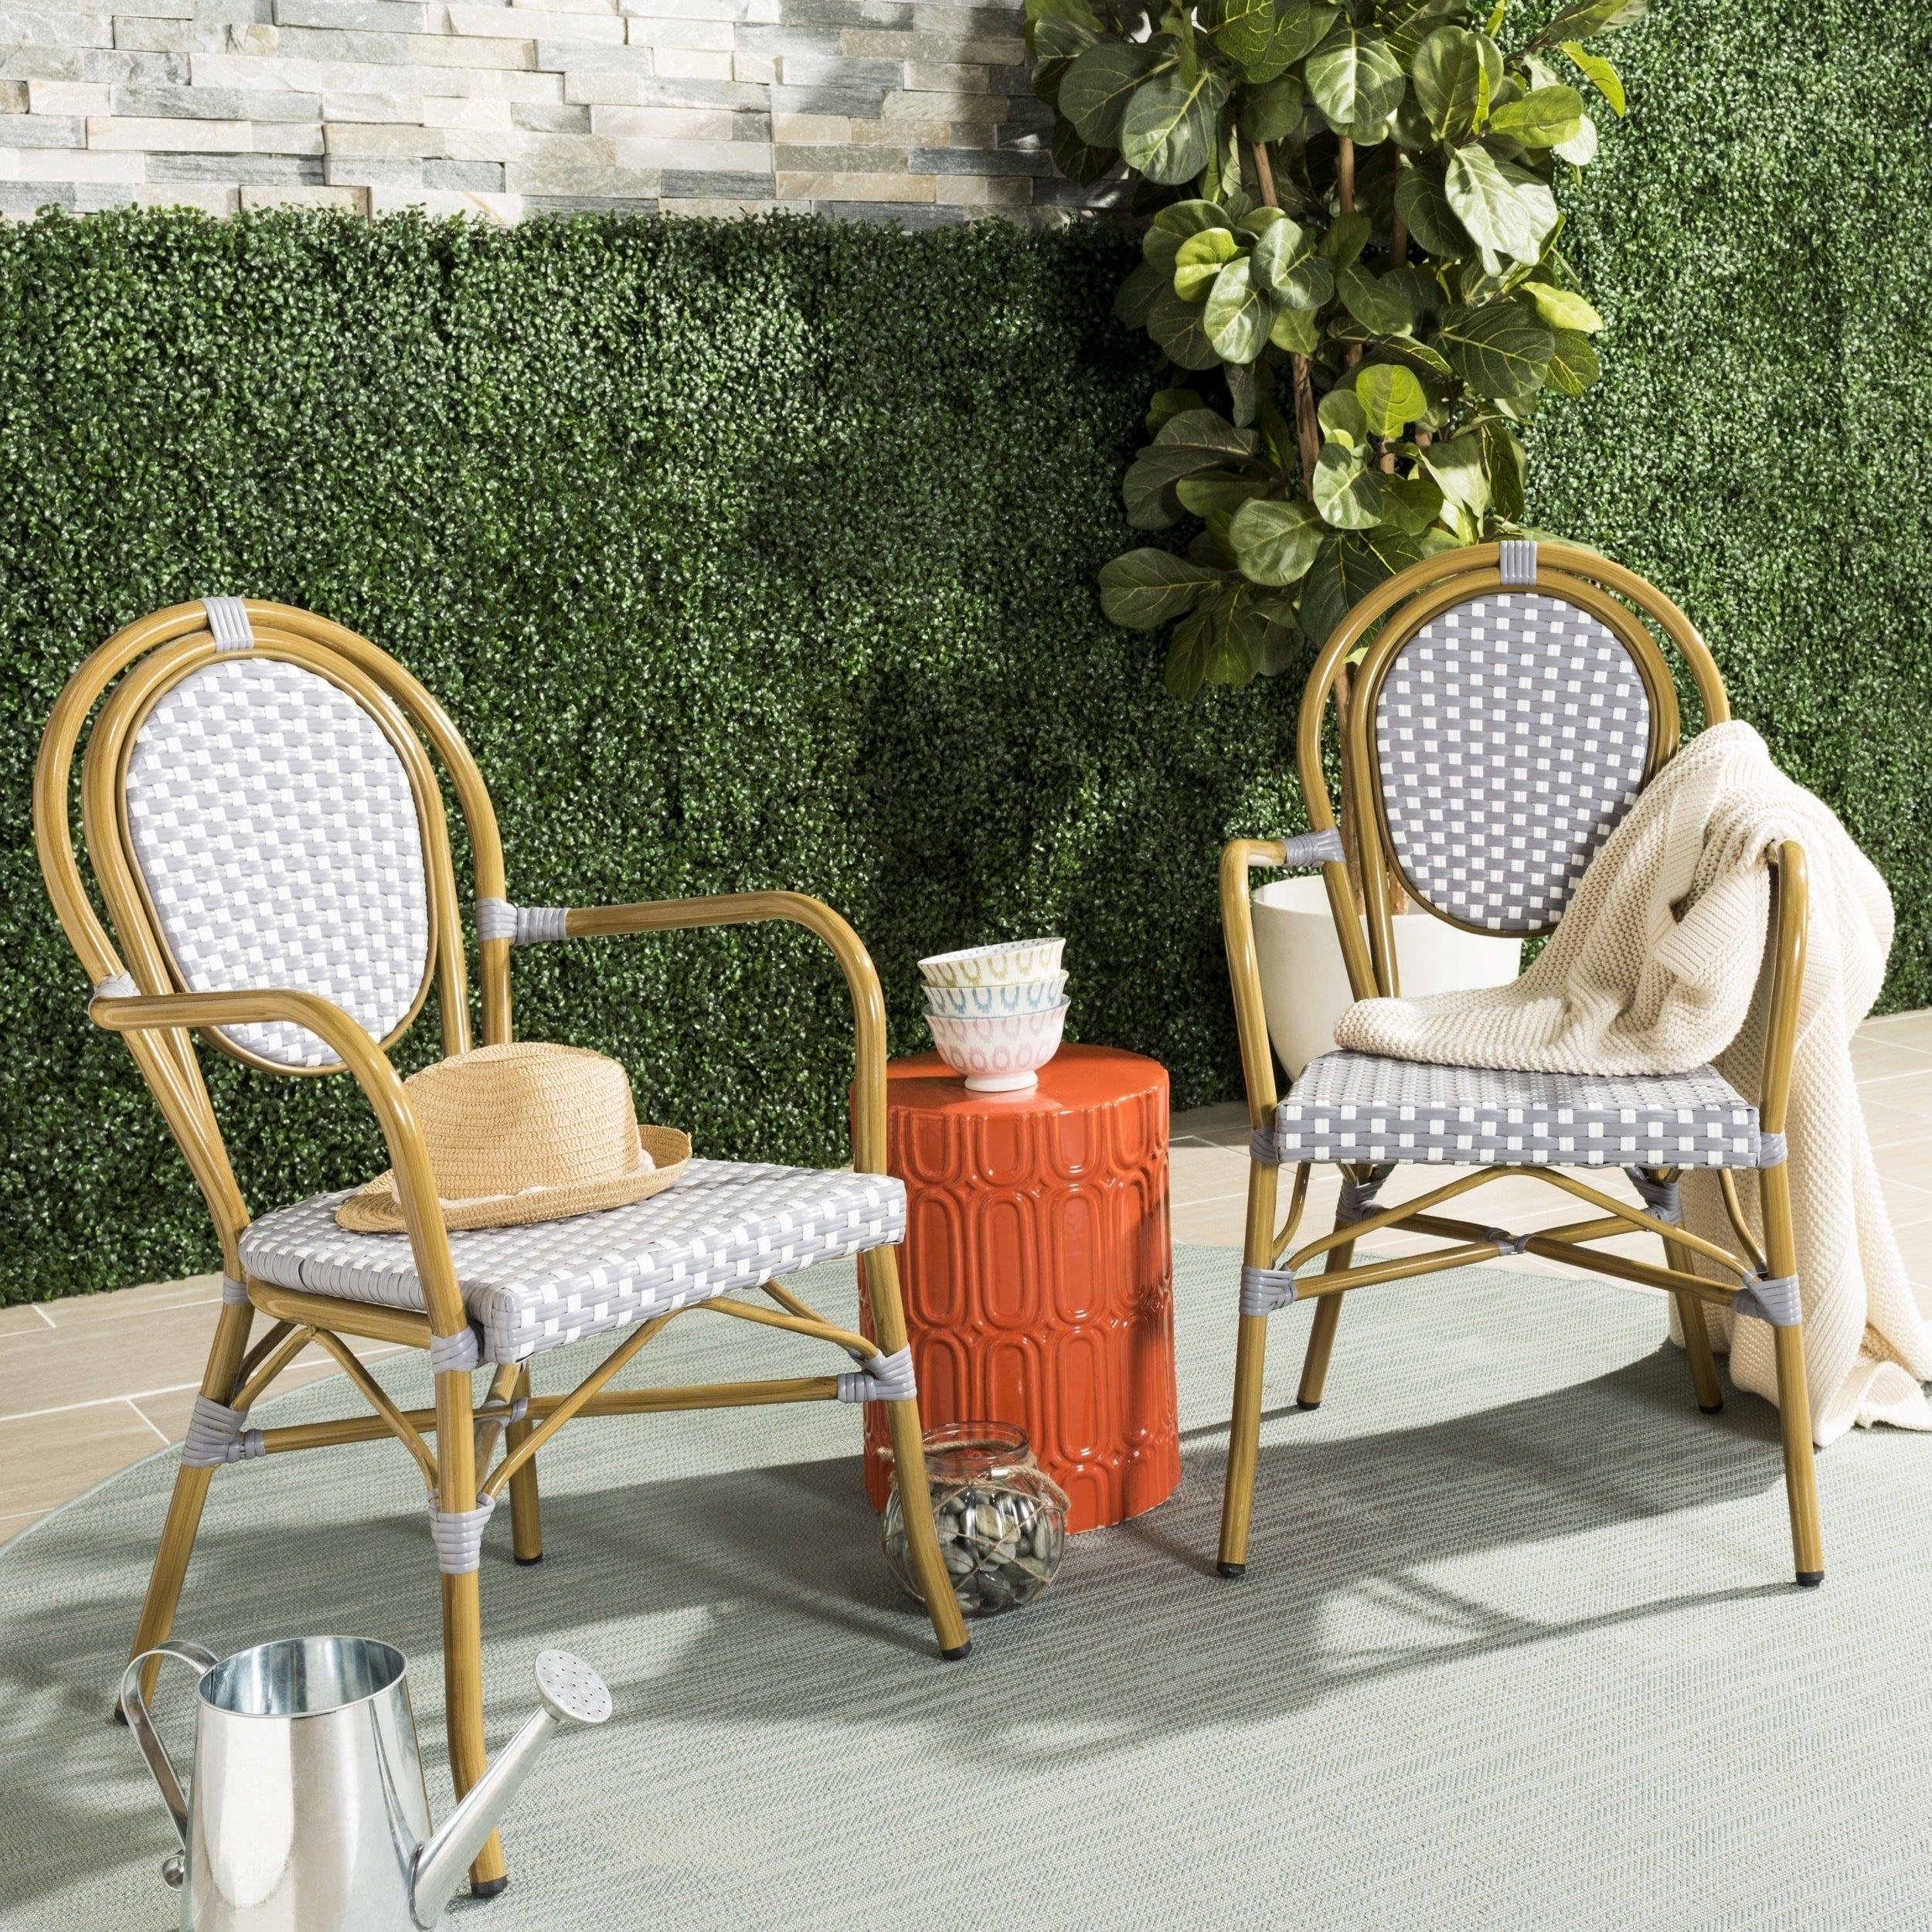 Safavieh Rosen French Bistro Stacking Grey White Arm Chair Set Of 2 Pat4014b Set2 Patio Furniture